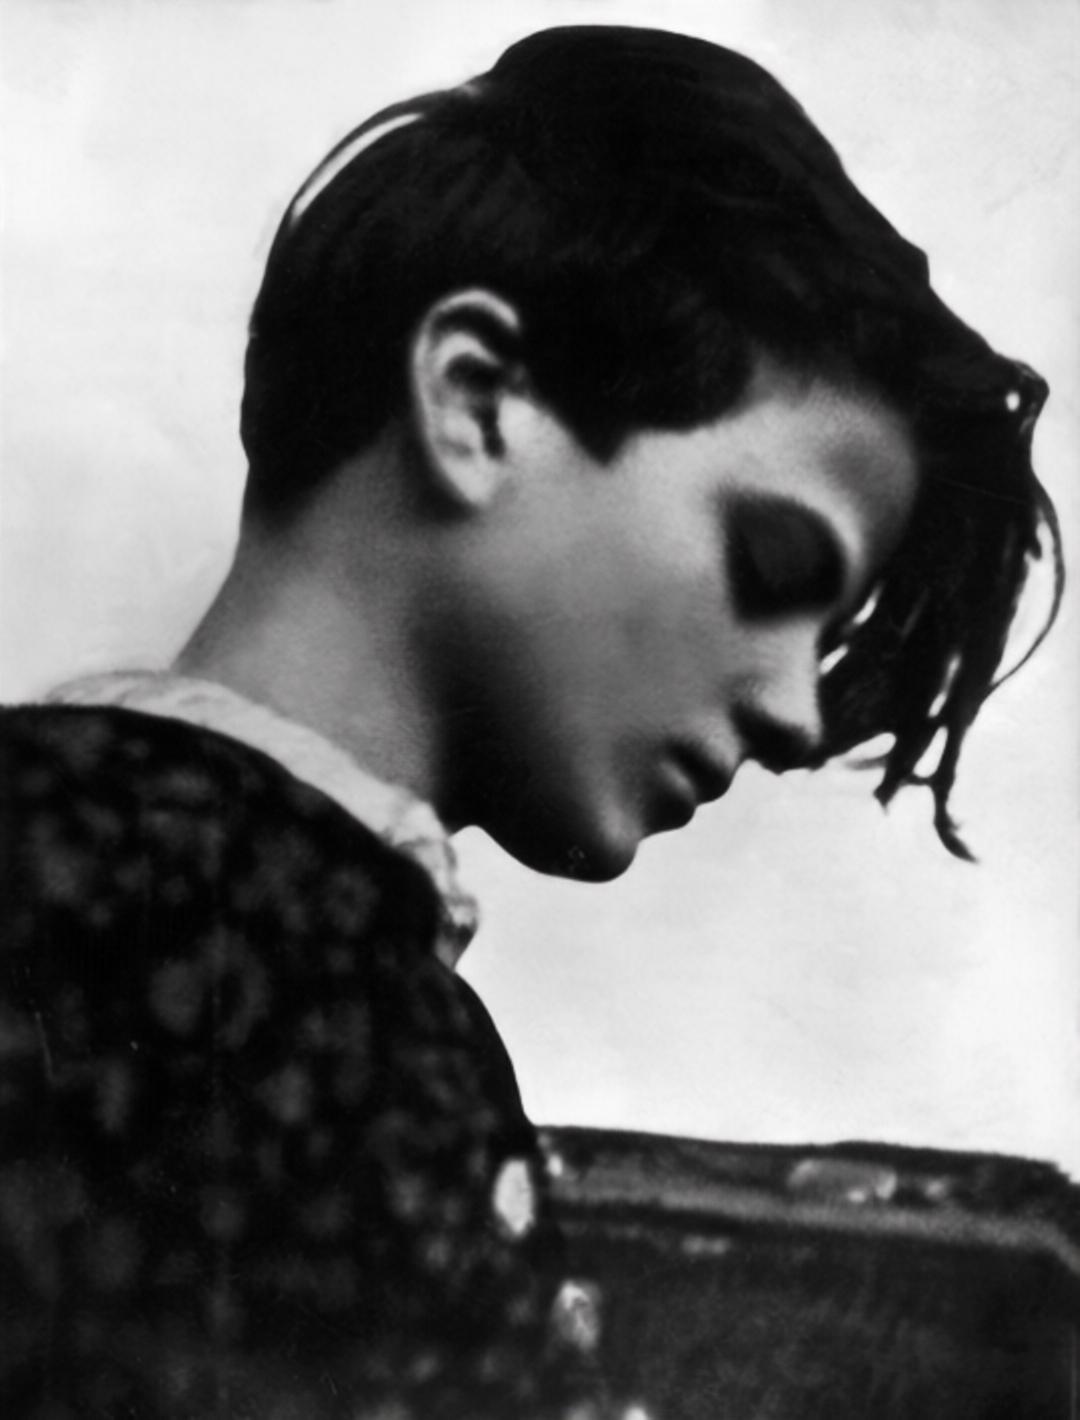 Foto der jungen Sophie Scholl im Profil